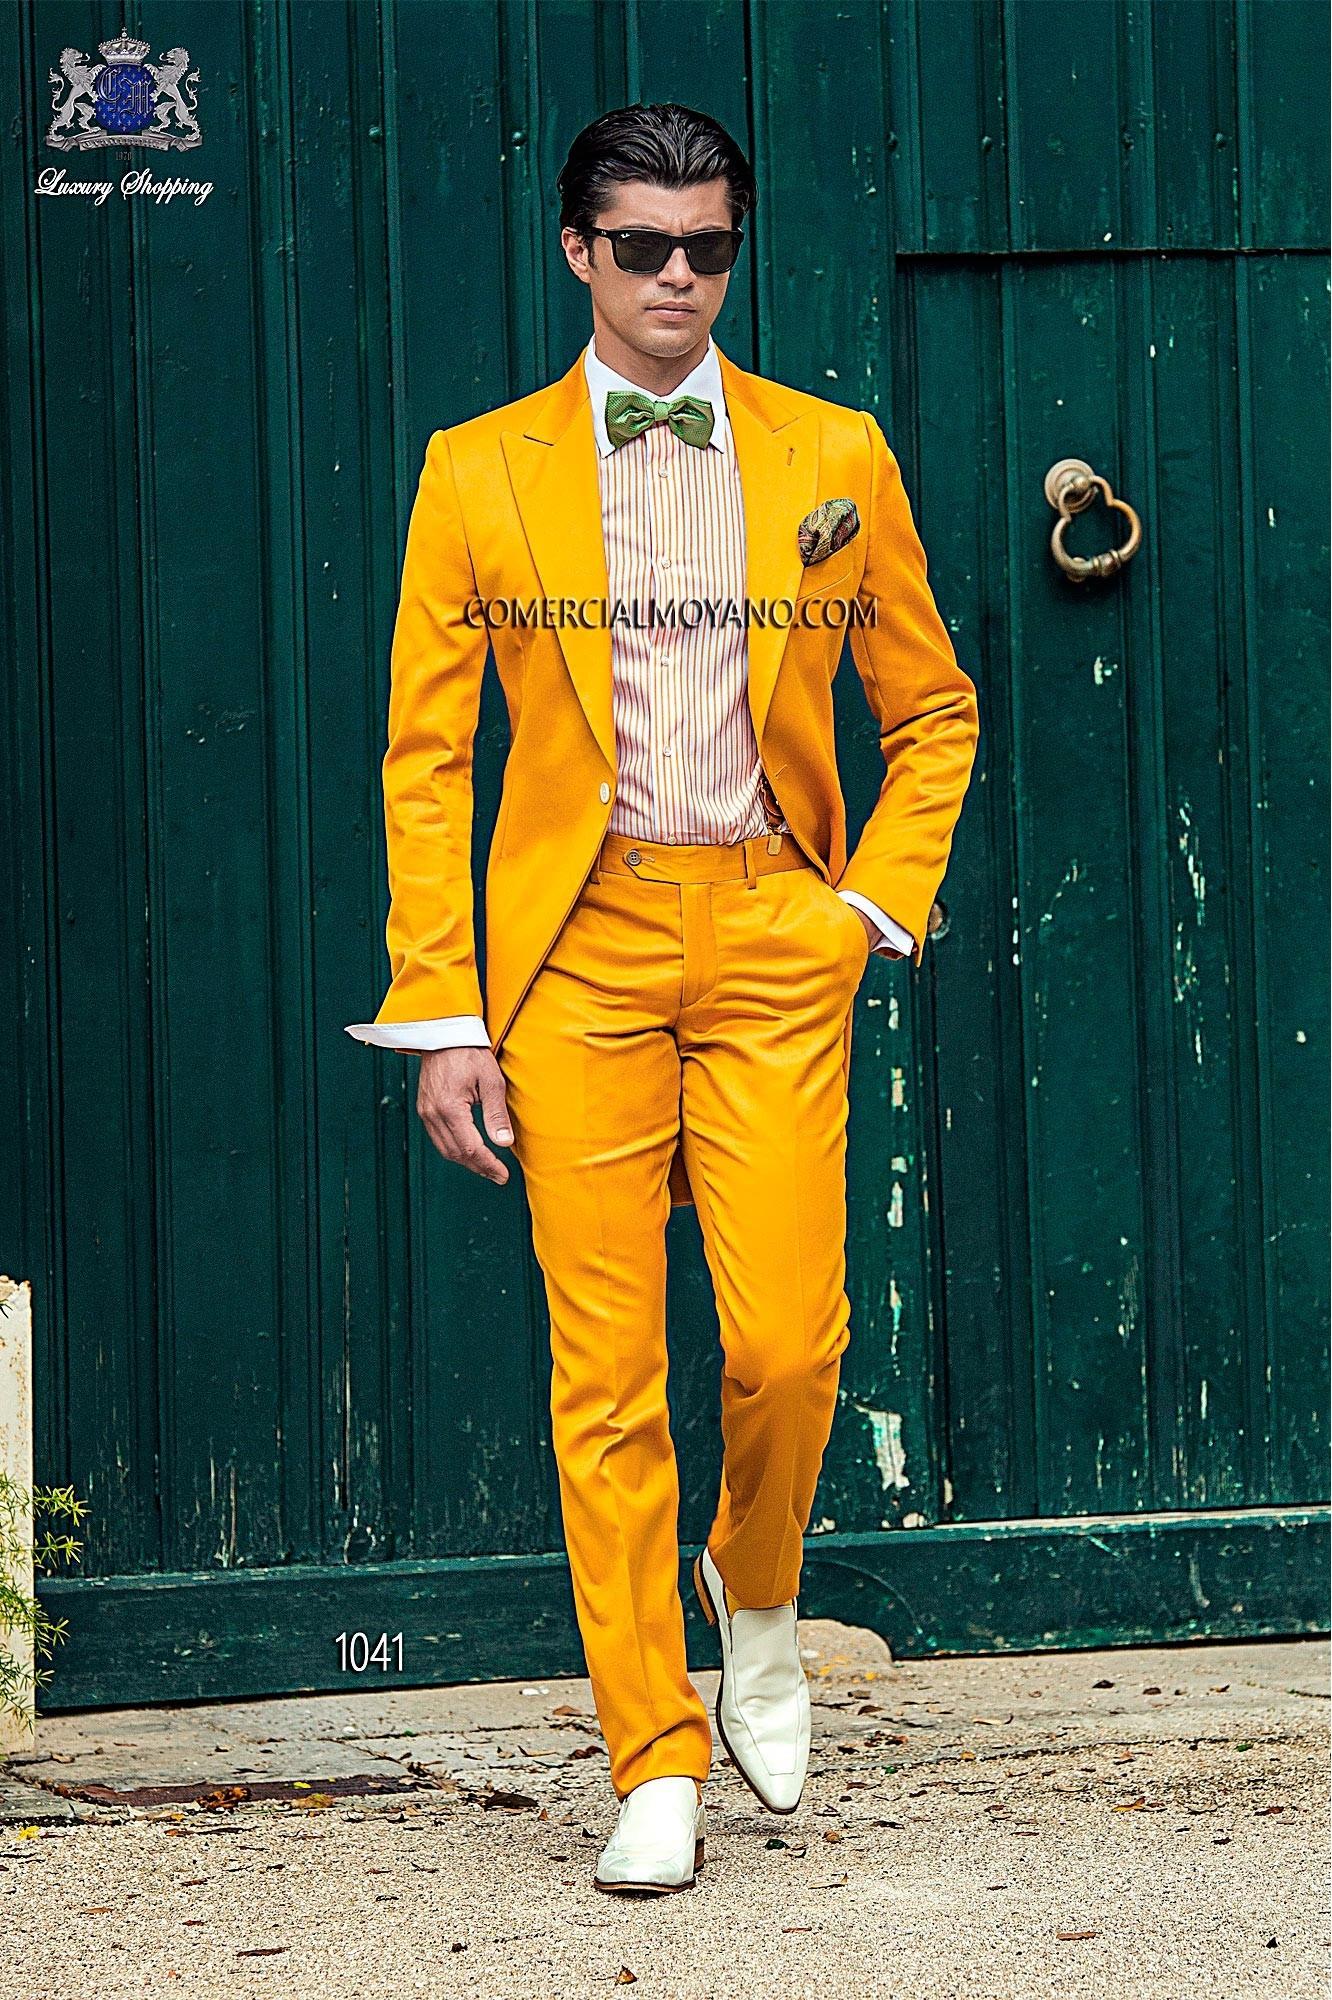 Traje de novio Hipster dorado modelo: 1041 Ottavio Nuccio Gala colección Hipster